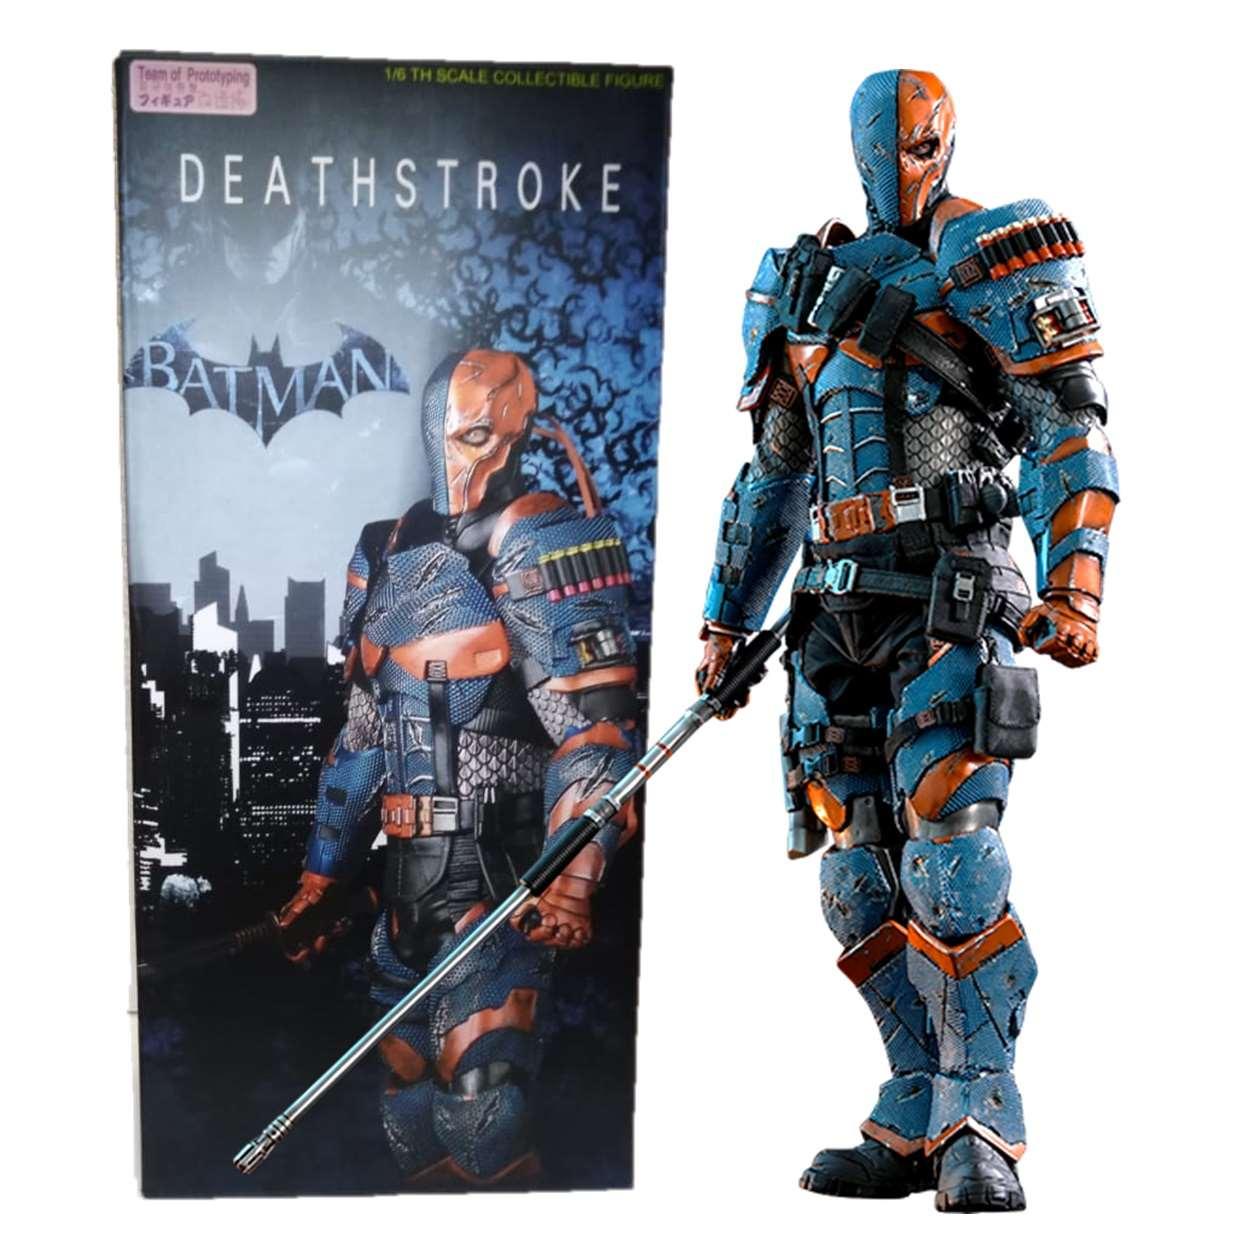 Deathstroke Figura De Acción Batman Team Of Prototyping